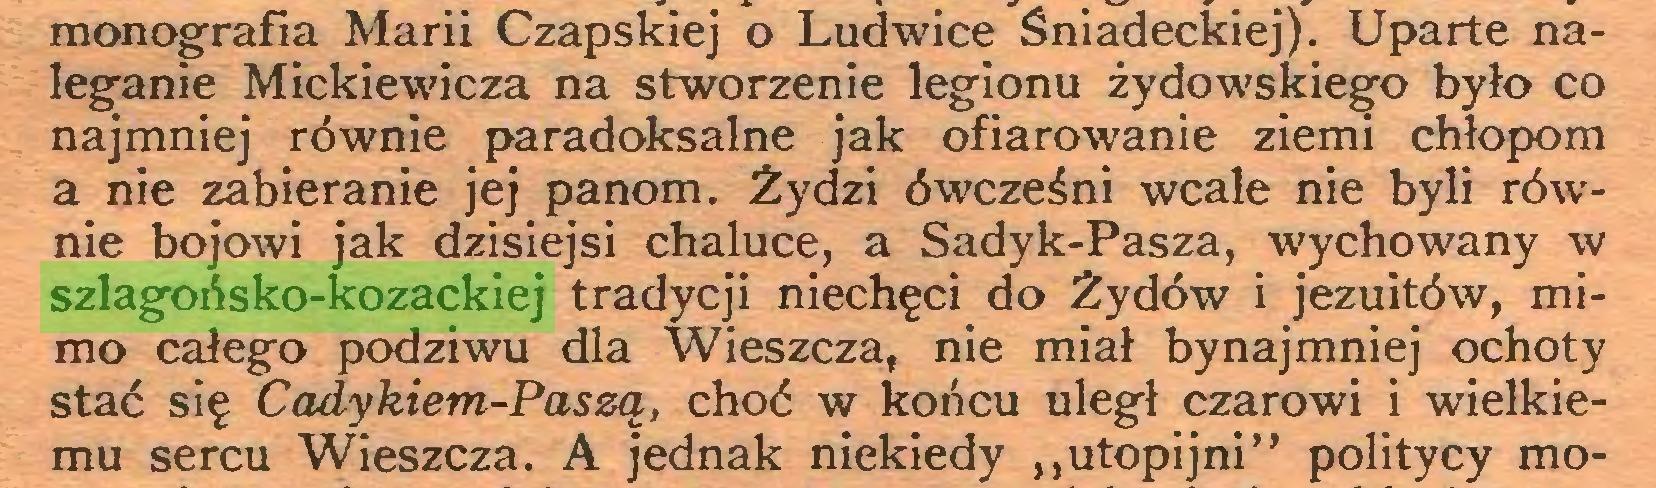 """(...) monografia Marii Czapskiej o Ludwice Sniadeckiej). Uparte naleganie Mickiewicza na stworzenie legionu żydowskiego było co najmniej równie paradoksalne jak ofiarowanie ziemi chłopom a nie zabieranie jej panom. Żydzi ówcześni wcale nie byli równie bojowi jak dzisiejsi chaluce, a Sadyk-Pasza, wychowany w szlagońsko-kozackiej tradycji niechęci do Żydów i jezuitów, mimo całego podziwu dla Wieszcza, nie miał bynajmniej ochoty stać się Cadykiem-Paszą, choć w końcu uległ czarowi i wielkiemu sercu Wieszcza. A jednak niekiedy """"utopijni"""" politycy mo..."""